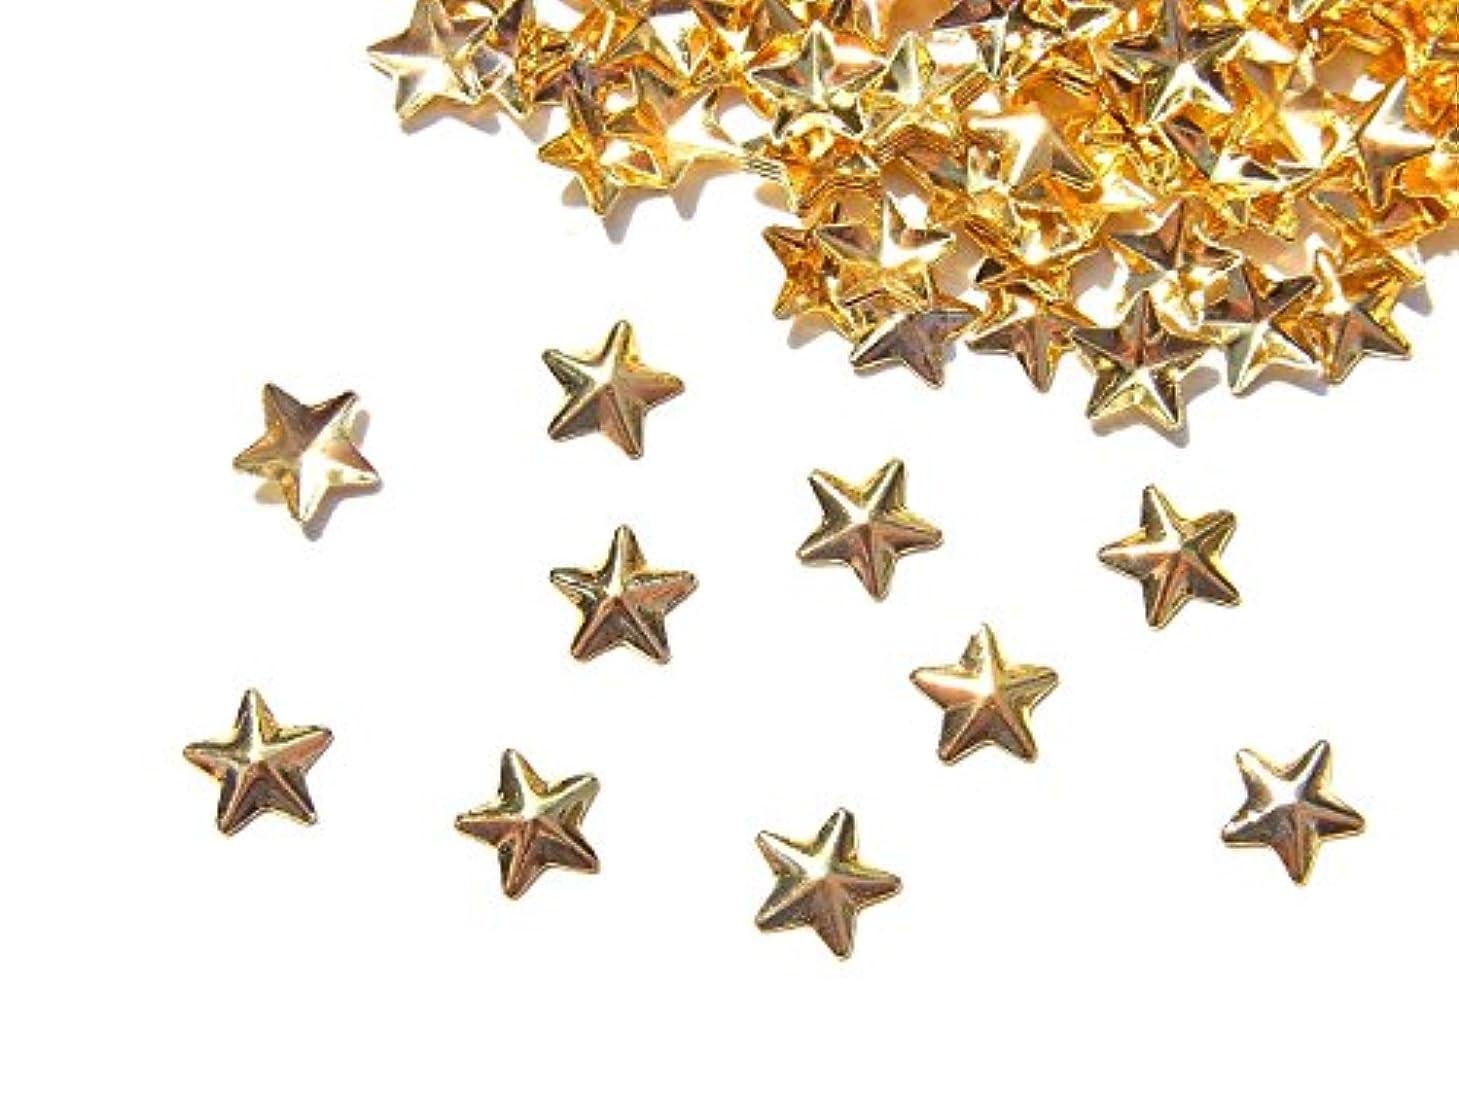 【jewel】mp12 ゴールド メタルスタッズ Lサイズ 星10個入り ネイルアートパーツ レジンパーツ